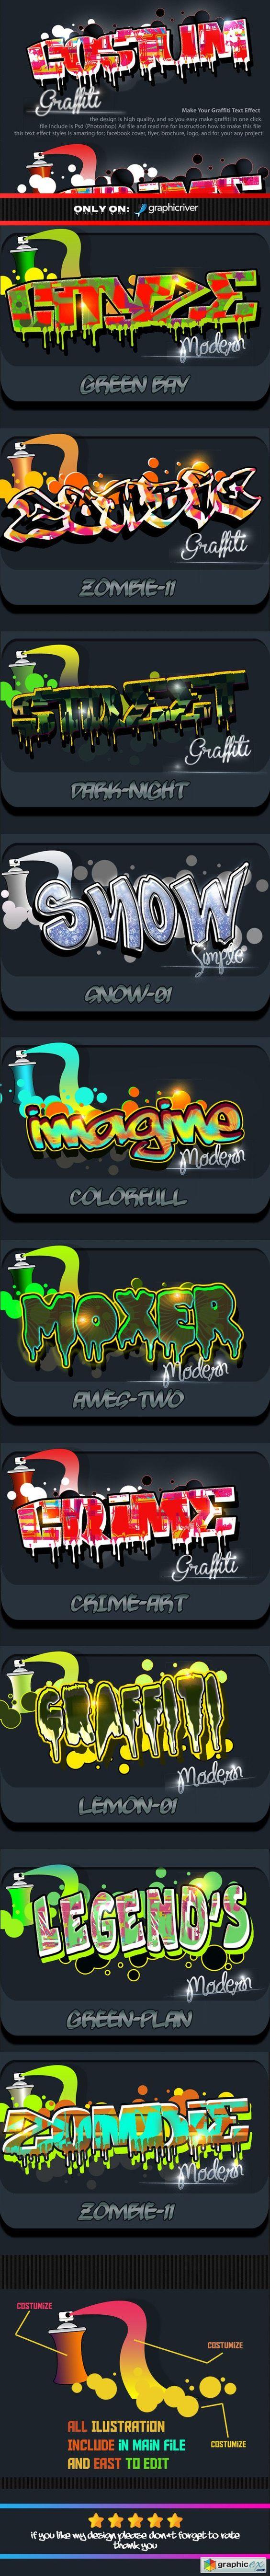 Costum Graffiti Text Effect Styles Vol 2